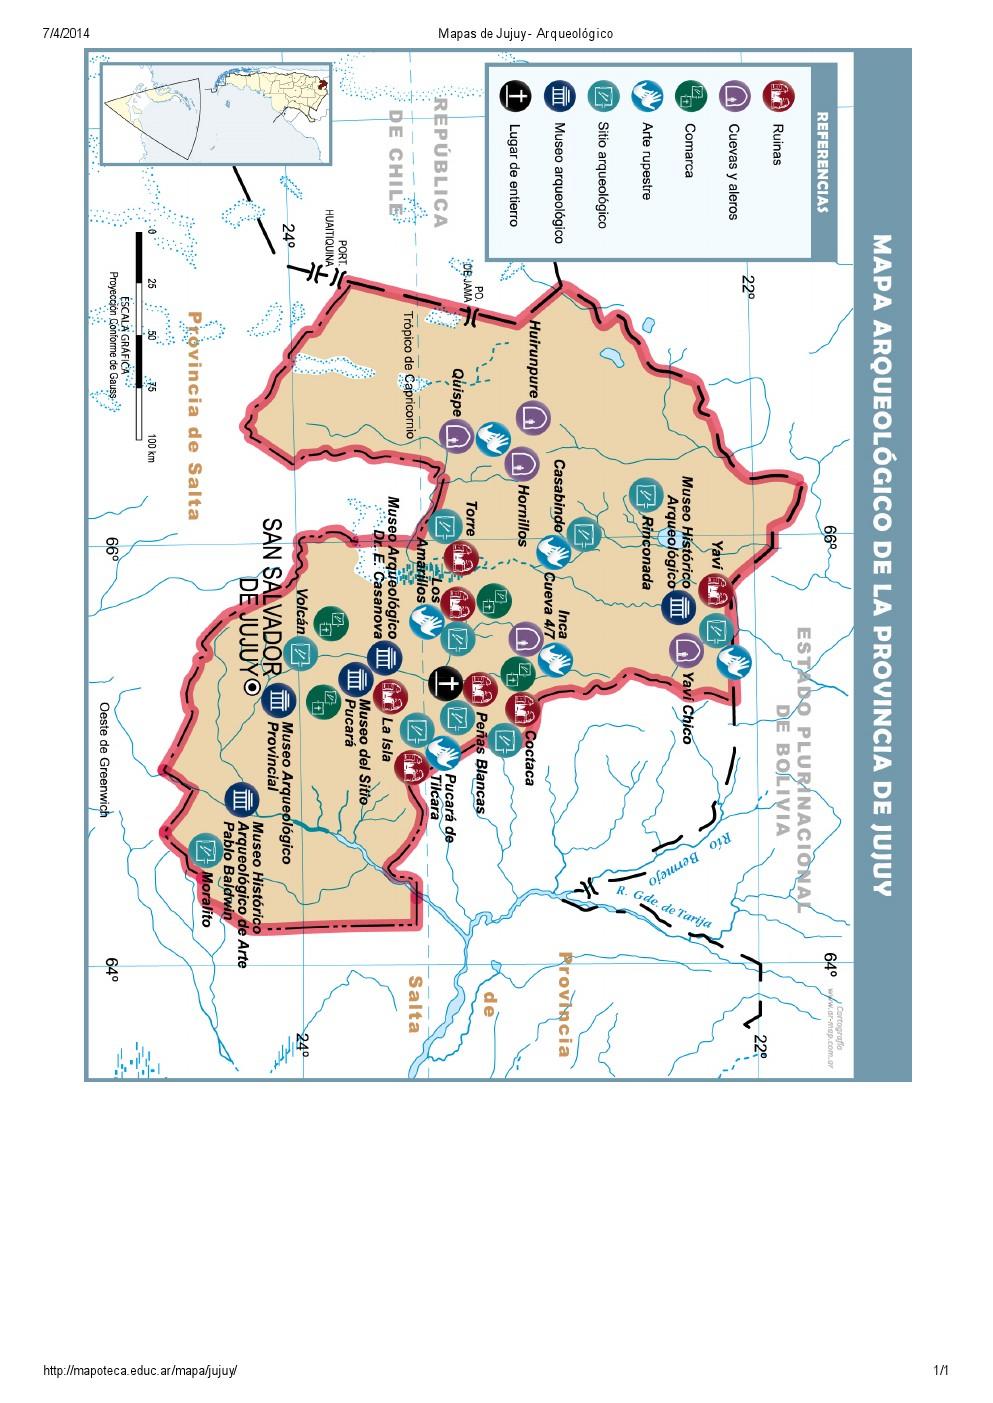 Mapa arqueológico de Jujuy. Mapoteca de Educ.ar